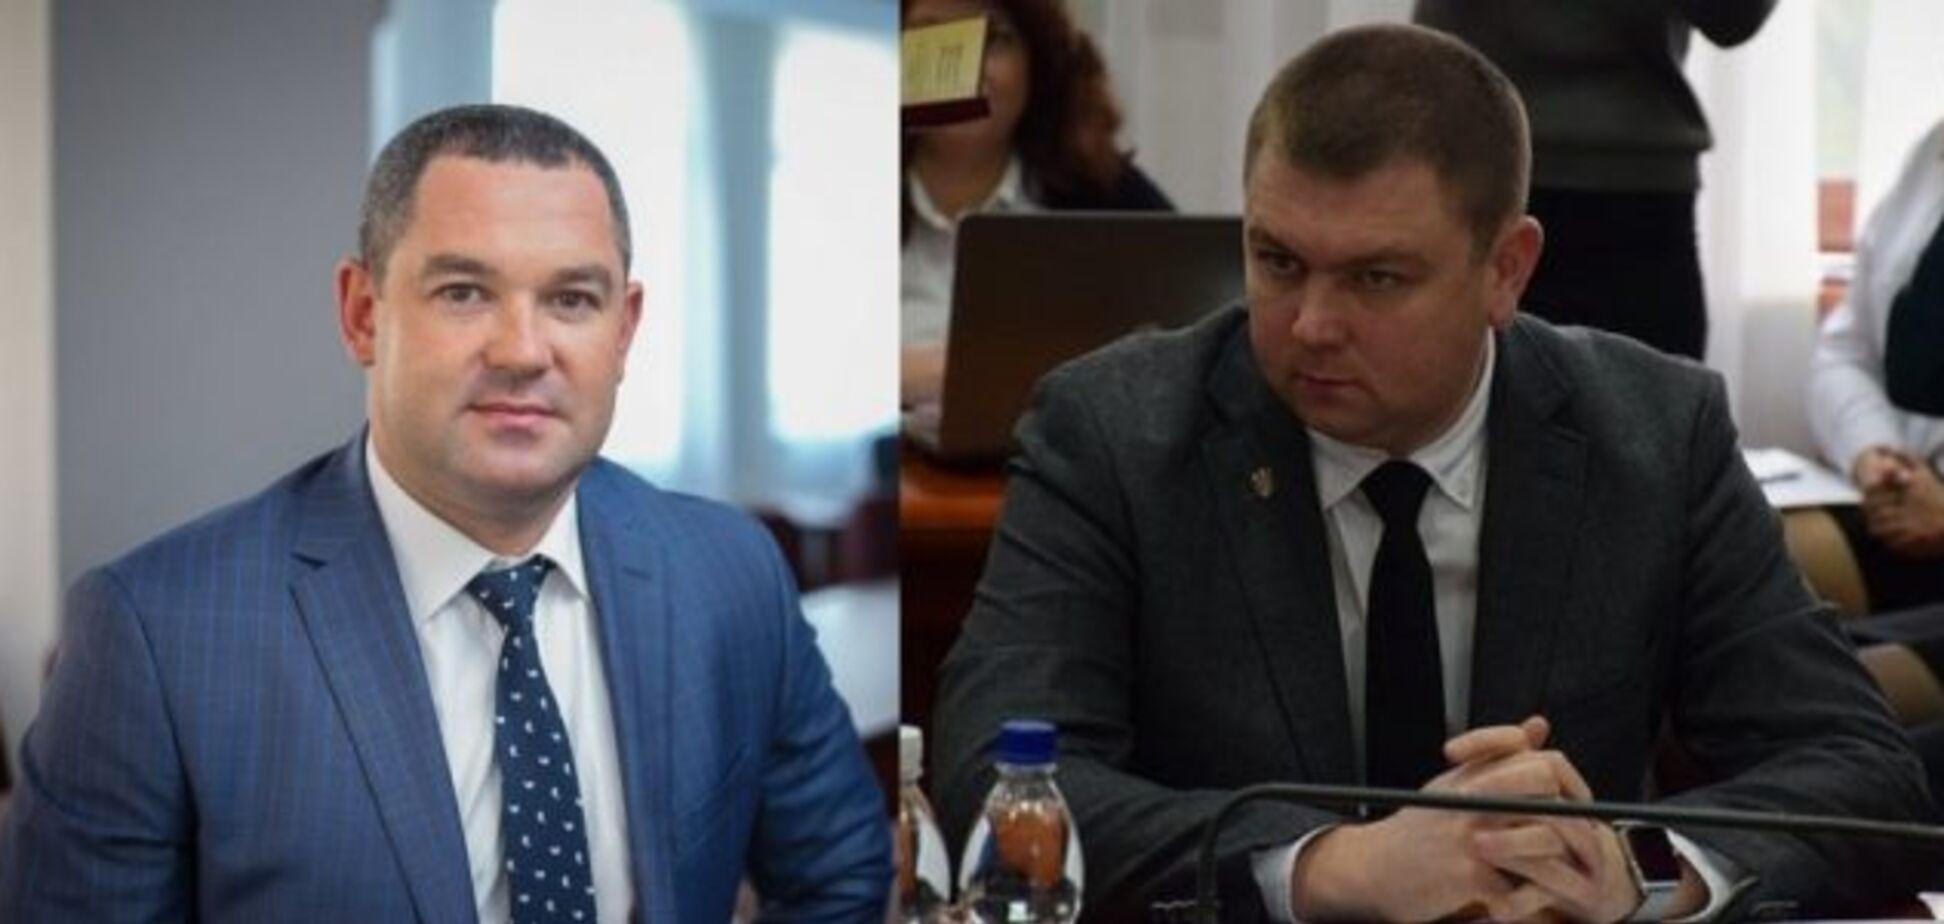 Руководителя ГФС Продана обвинили в превышении служебных полномочий